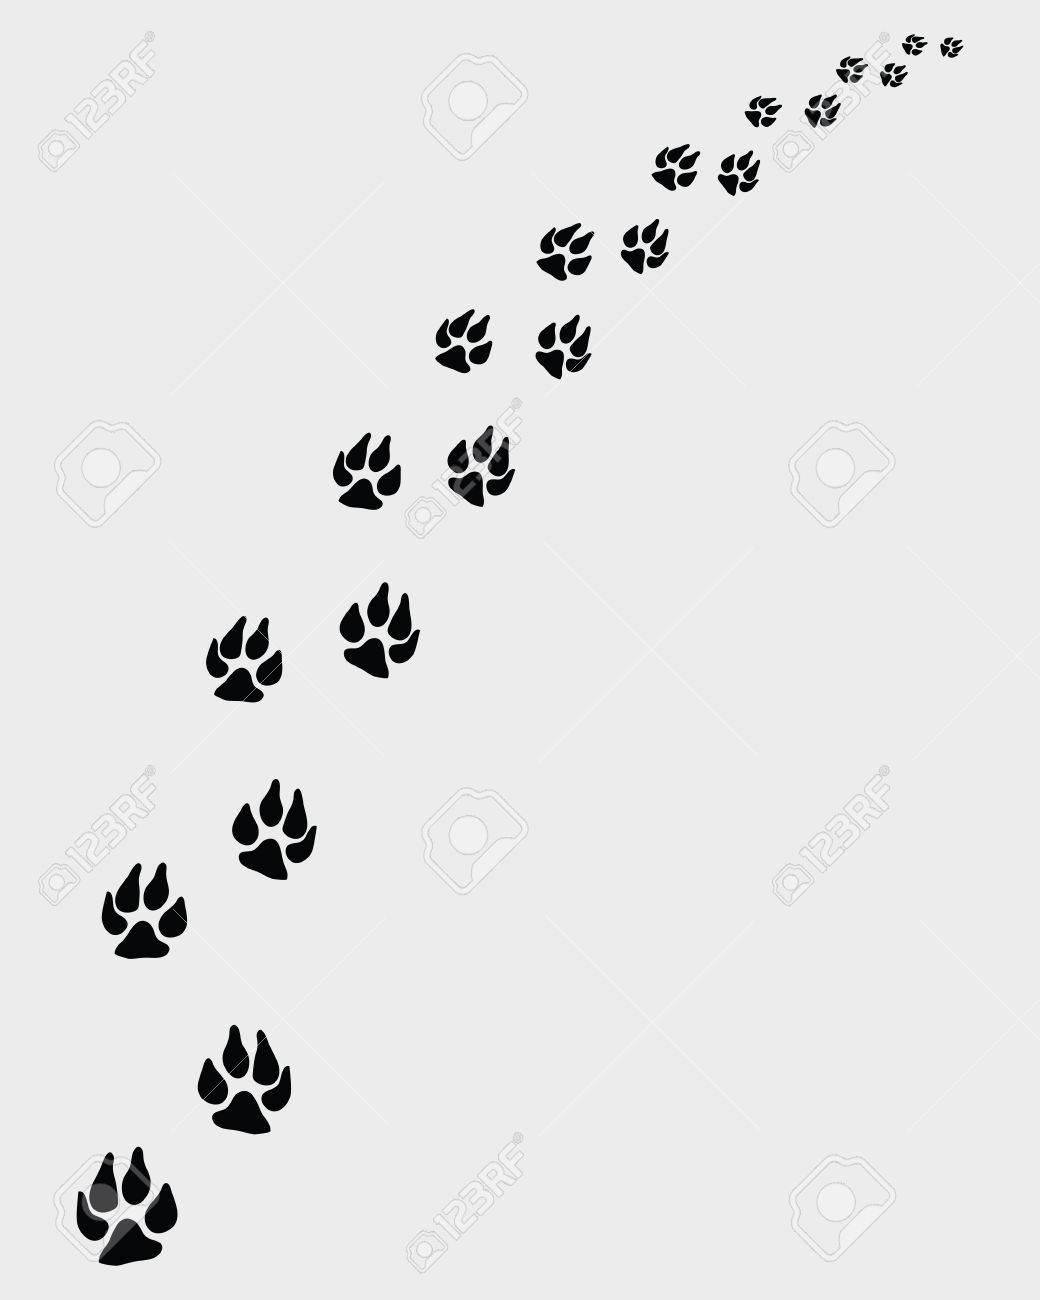 犬の足跡のイラストが右に曲がるのイラスト素材 ベクタ Image